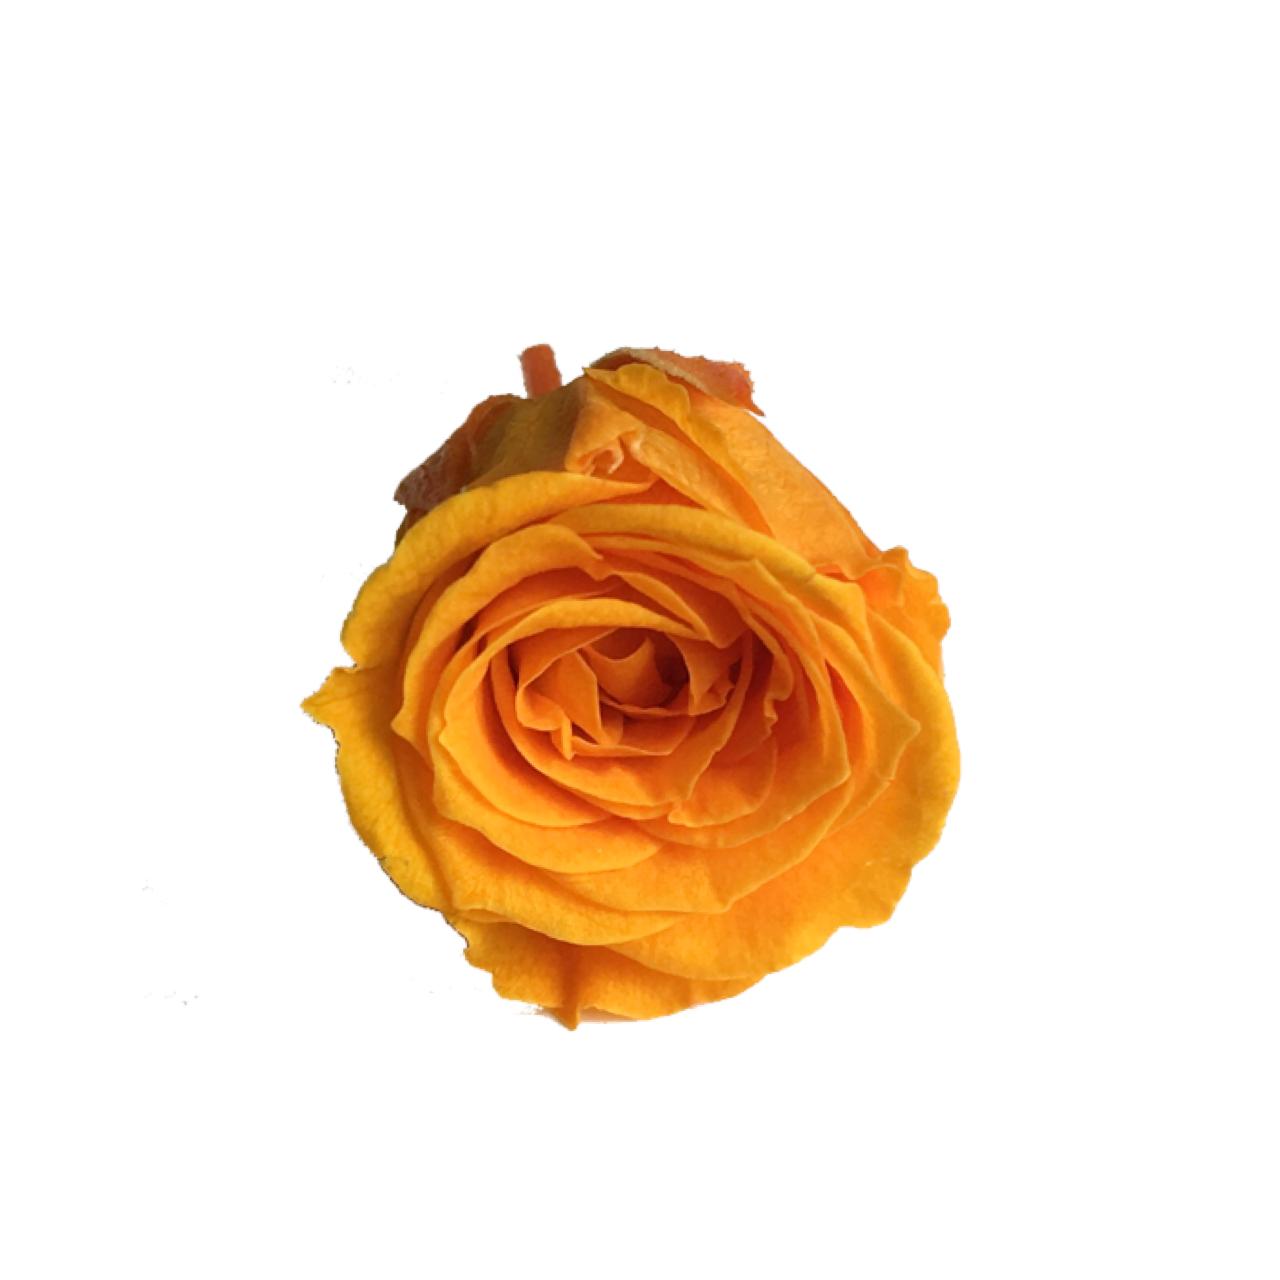 【5%OFF】プリザーブドローズ【1輪販売】 大地農園/ビビアン フルーティオレンジ/0237-0-351